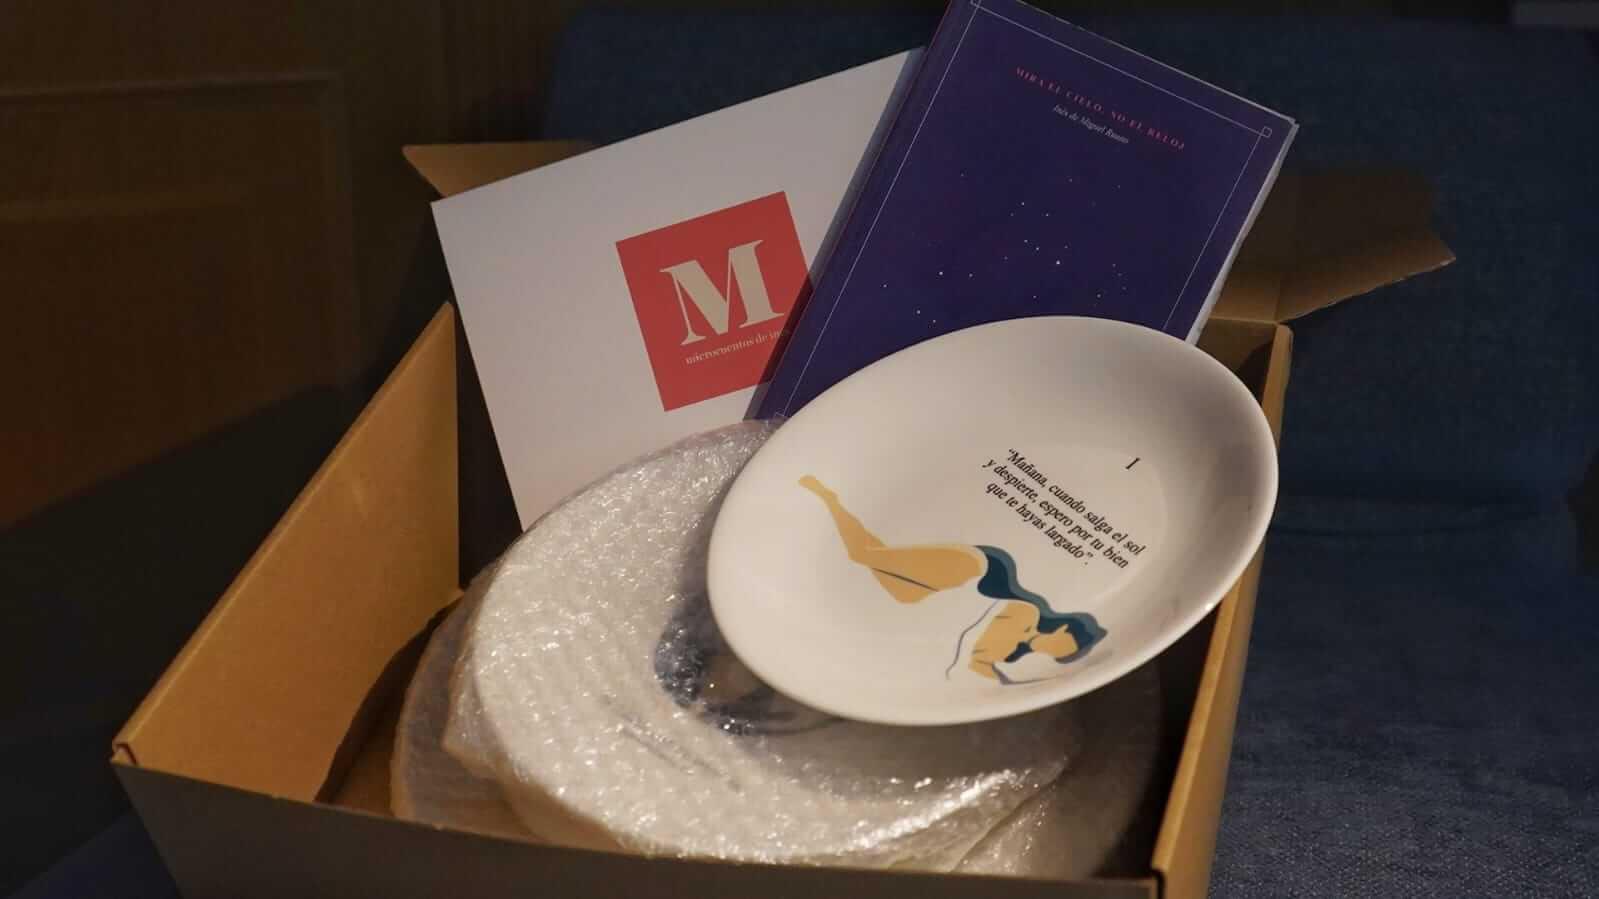 Una caja con platos de la marca Caicus